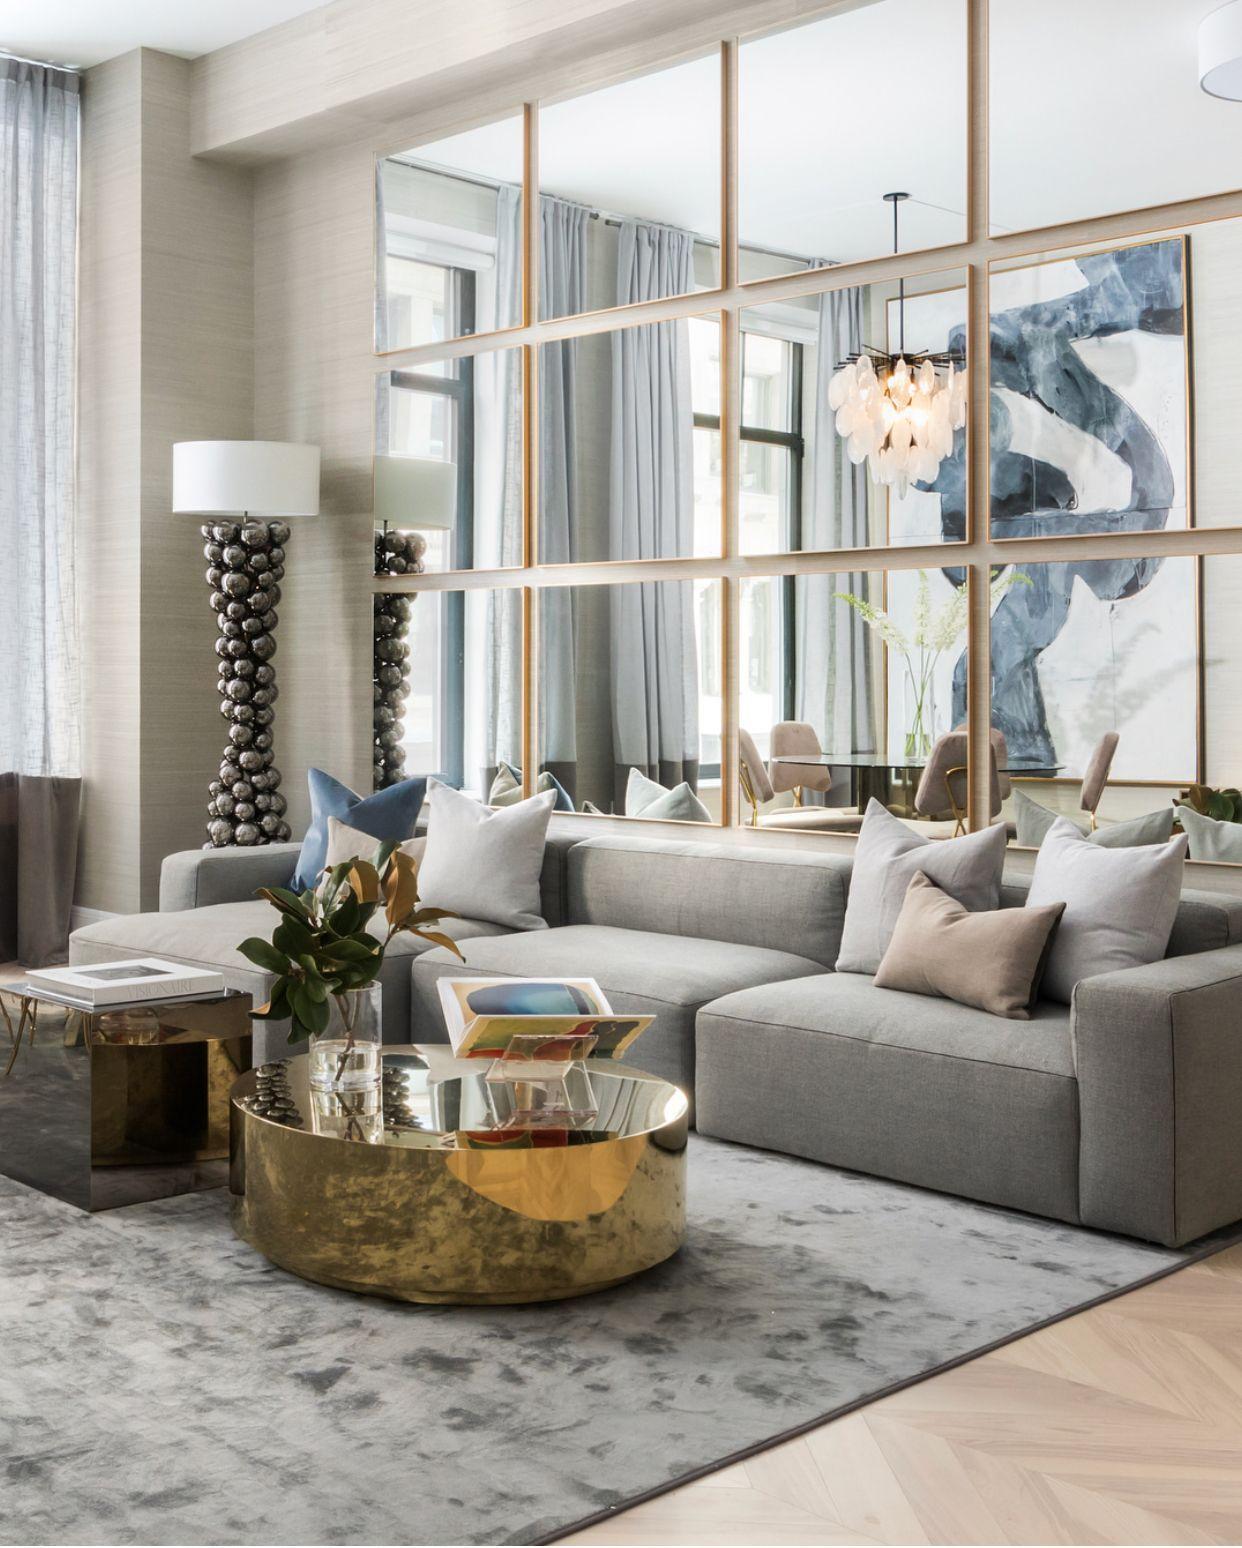 Aynalarla Evi Büyük Gösterme Sanatı — Dekorasyon Önerileri & Trendler | Armut Blog – Dress